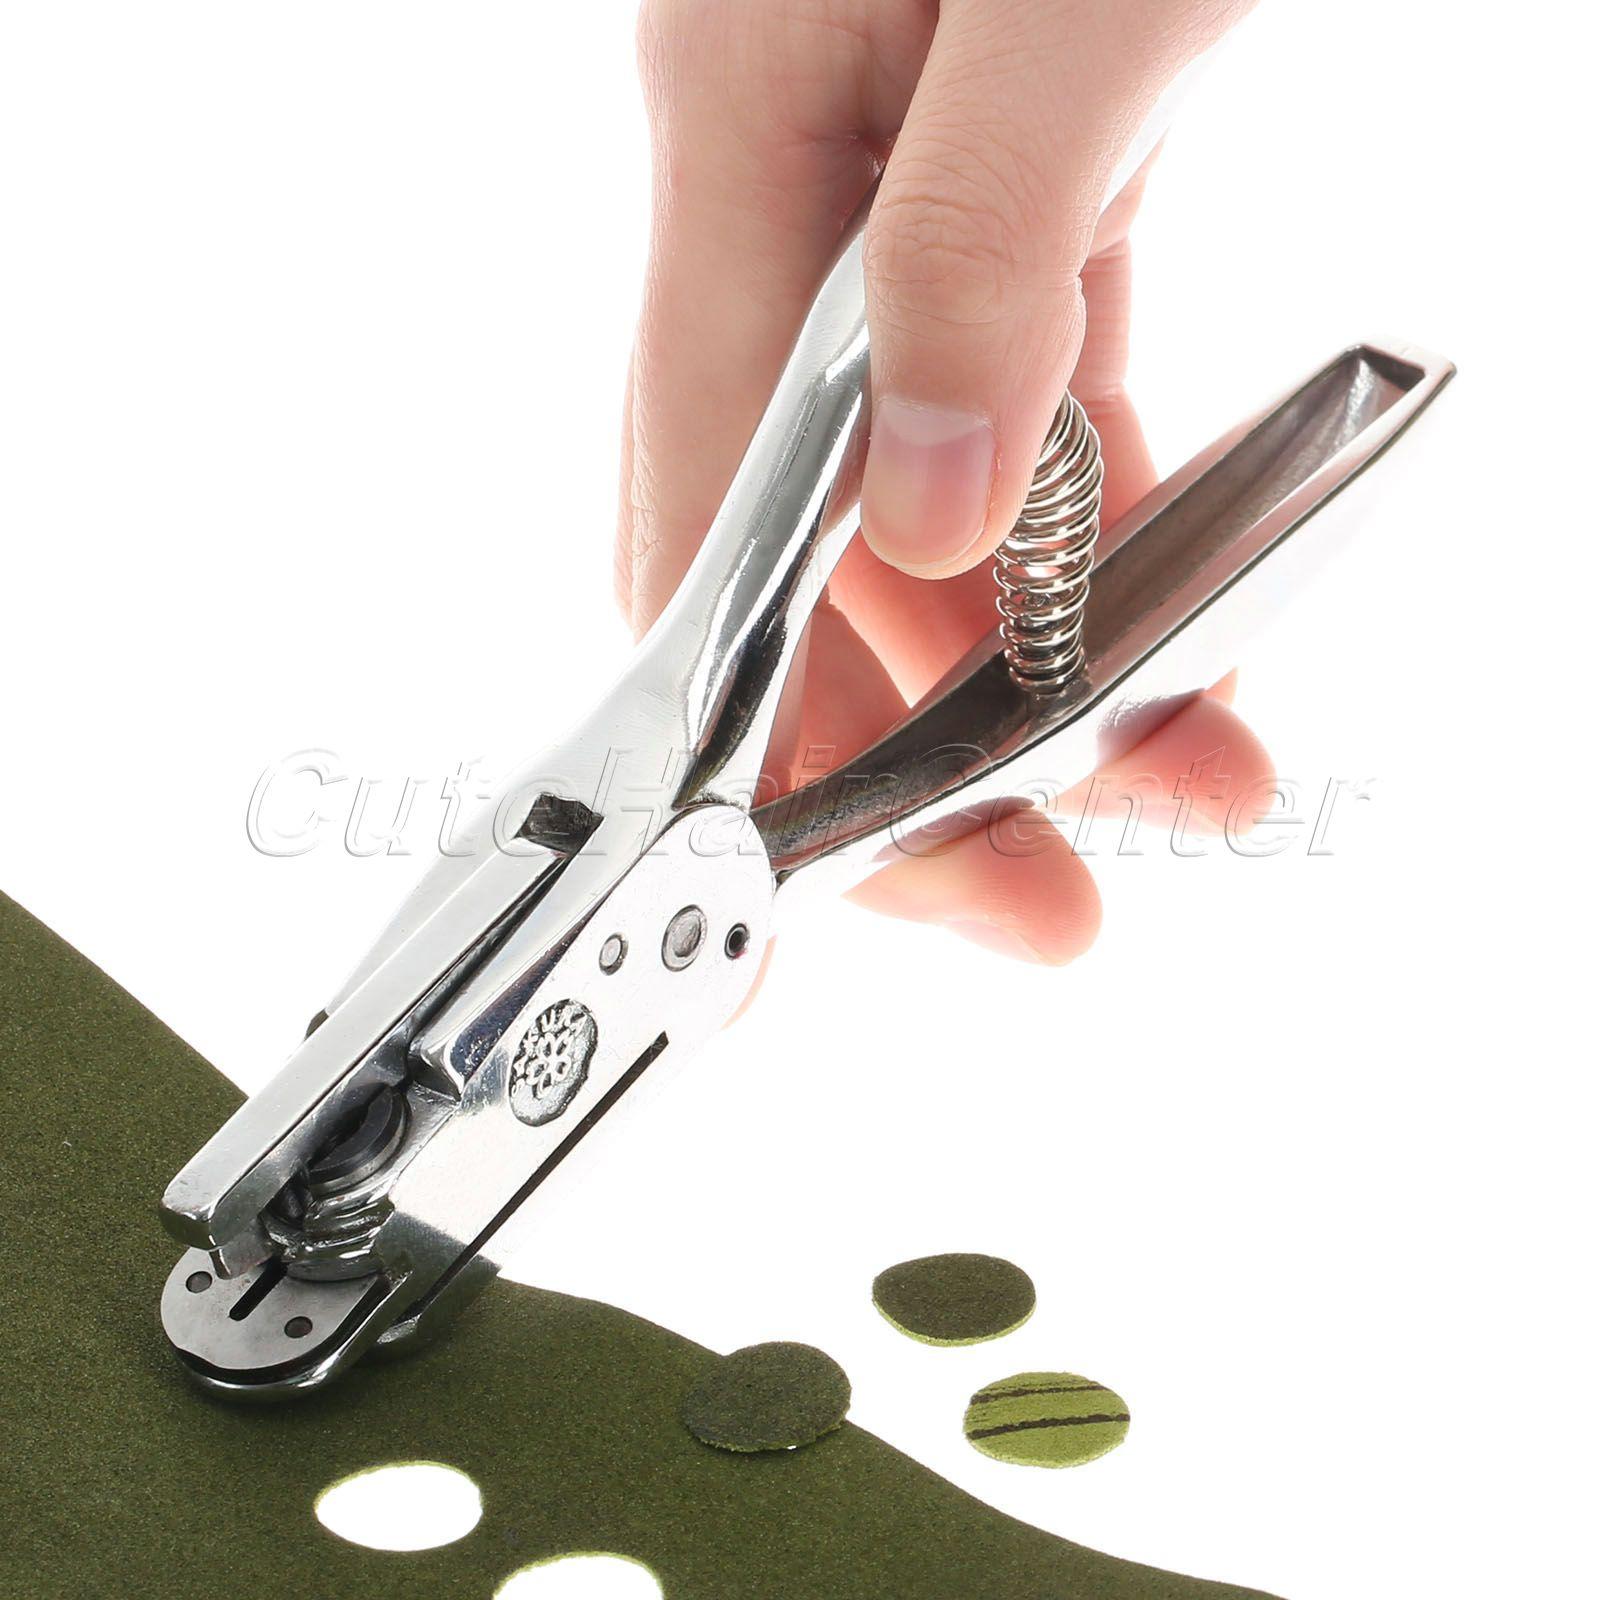 Alta qualidade 2 em 1 entalhes & padrão buraco perfurador alicate ferramenta de artesanato couro